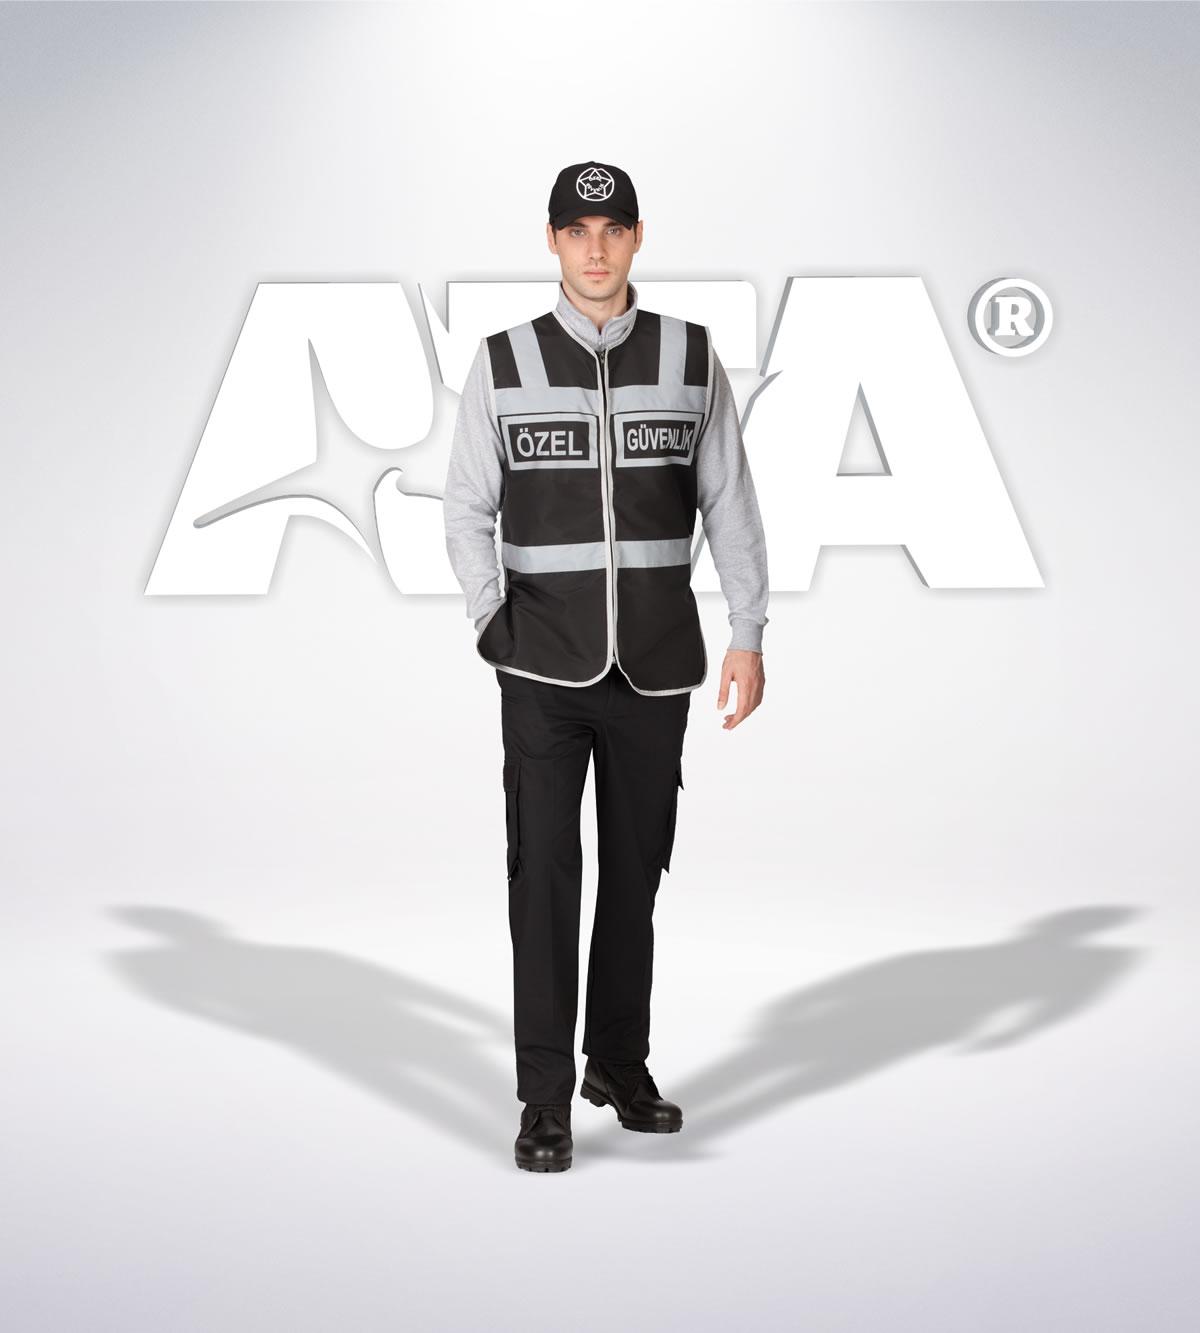 ATA 153 - Ribstop kumaş pantolon - reflektör yelek - aksesuar - güvenlik elbiseleri | güvenlik üniformaları | güvenlik kıyafetleri